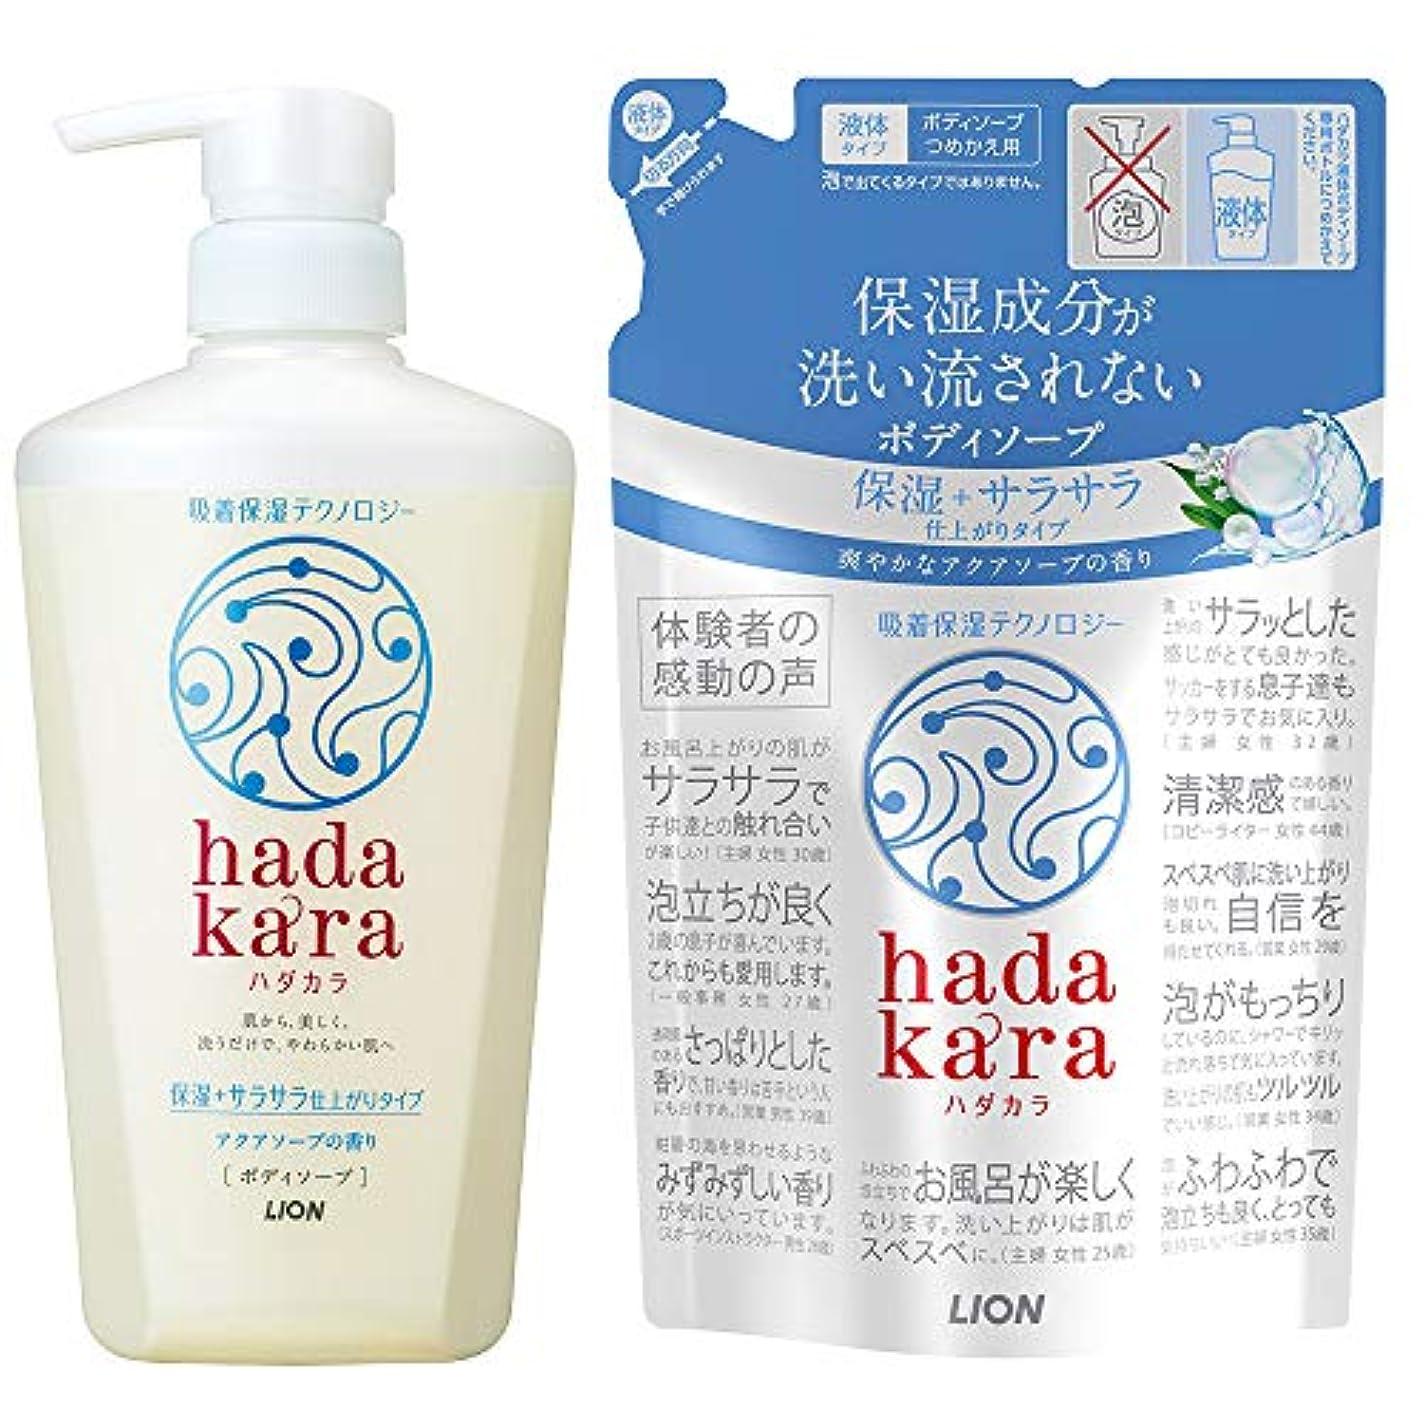 ビーム前提条件とにかくhadakara(ハダカラ)ボディソープ 保湿+サラサラ仕上がりタイプ アクアソープの香り (本体480ml+つめかえ340ml)